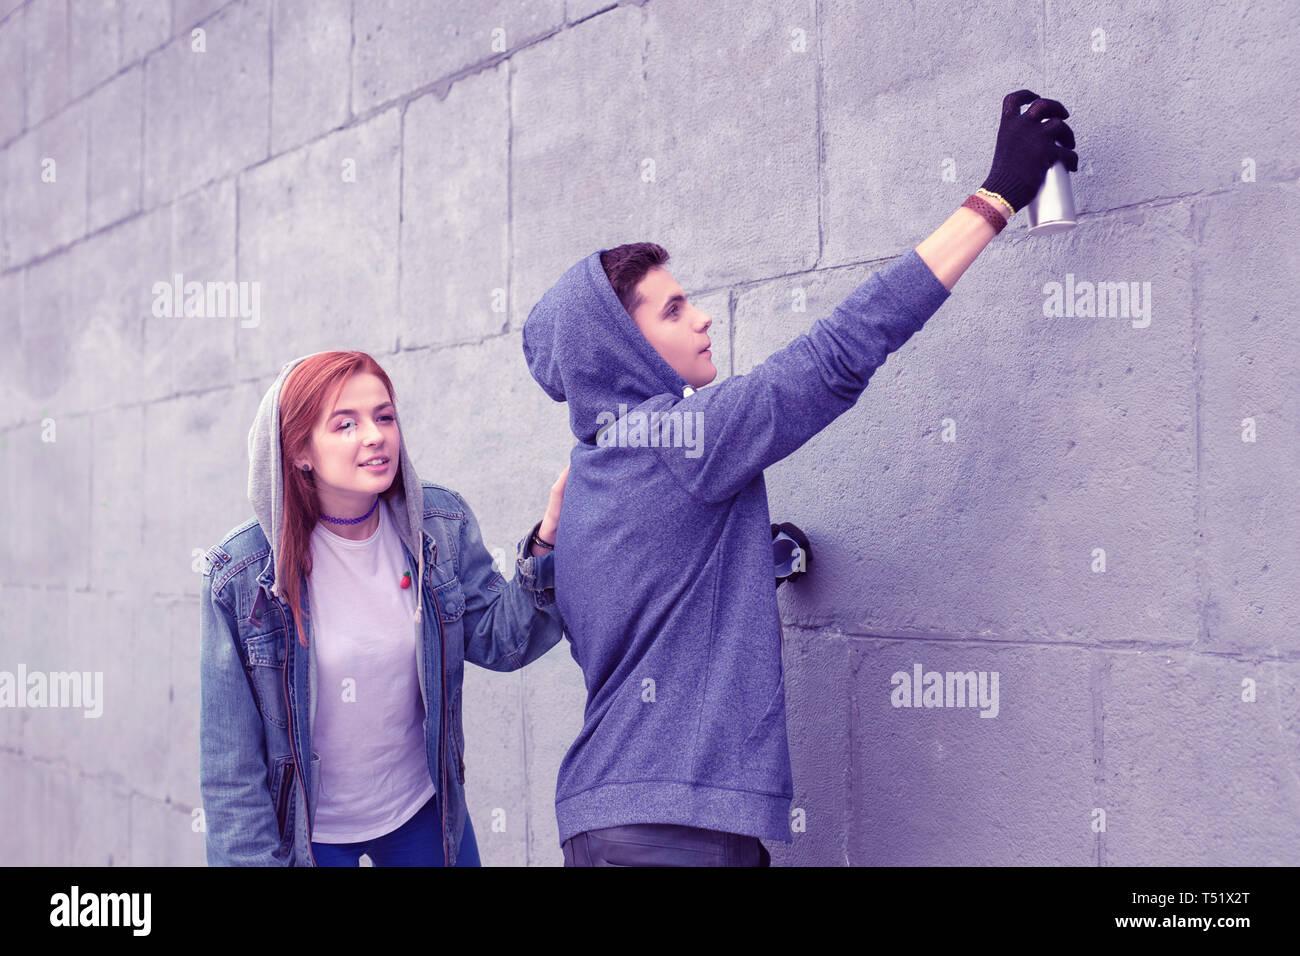 Peligroso joven ciudad para colorear las paredes con pinturas de spray Foto de stock